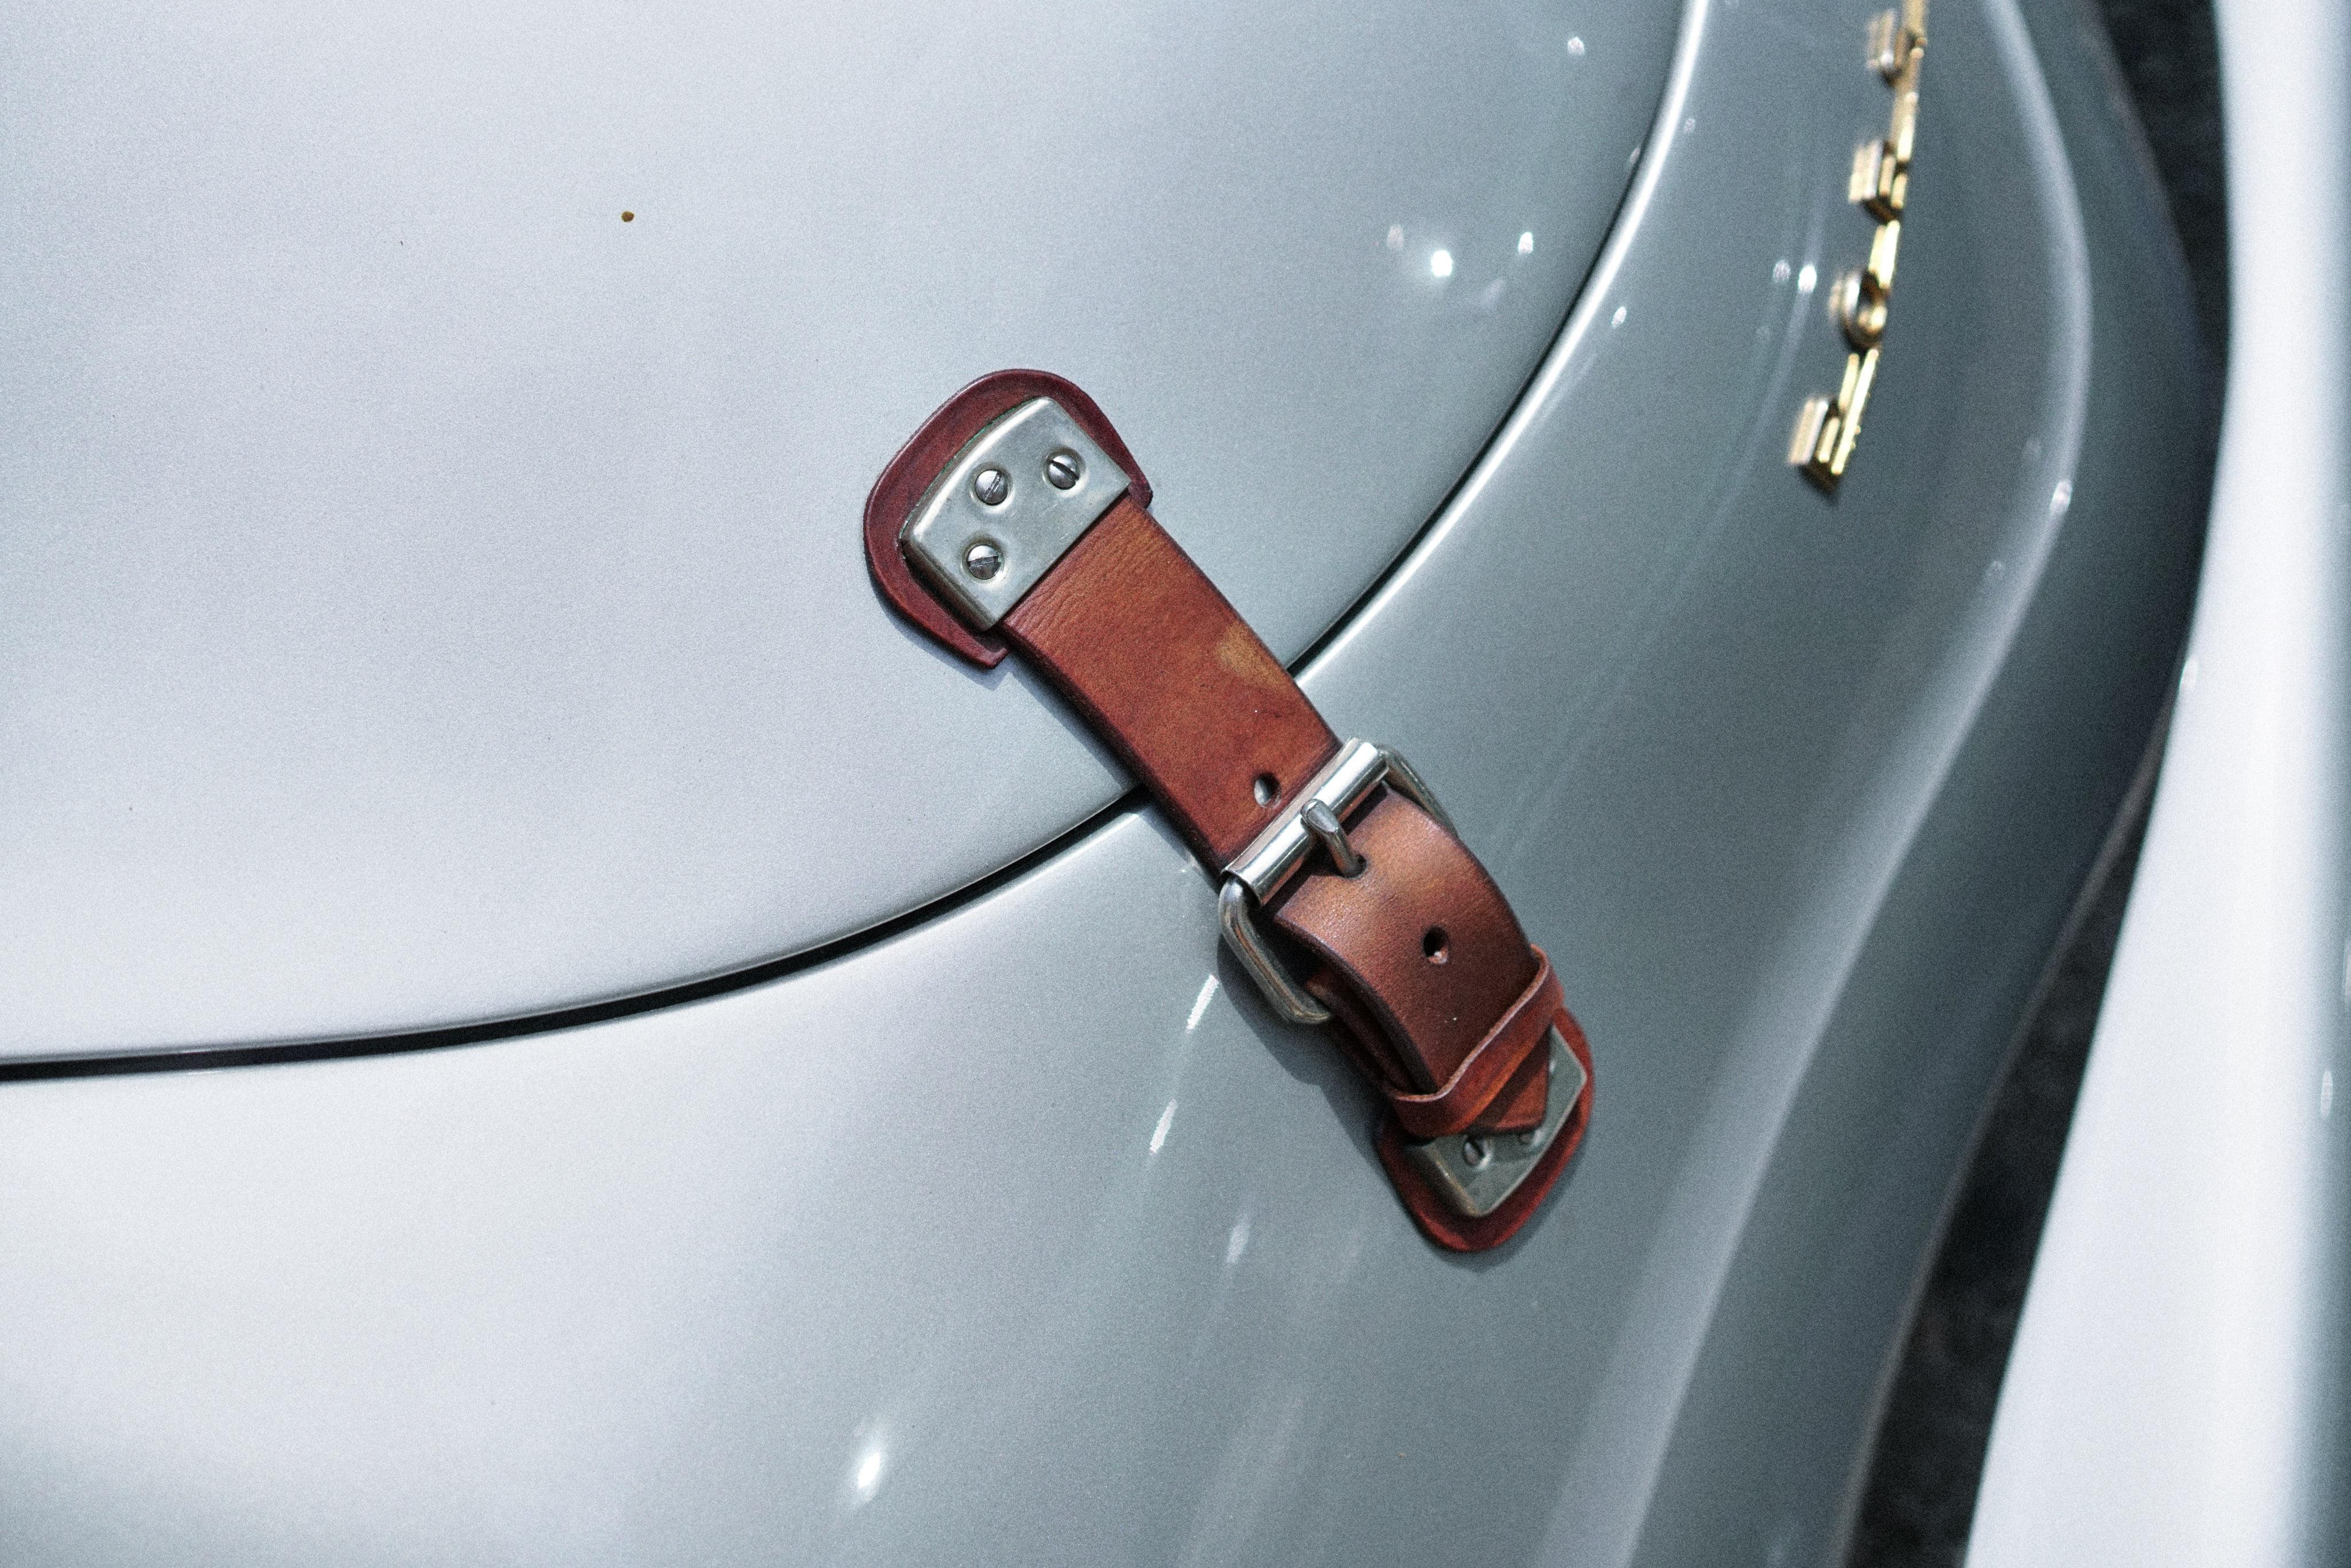 Luftgekühlt-6-Rennen-55-Porsche-356-1956-Carrera-Strap-Detail